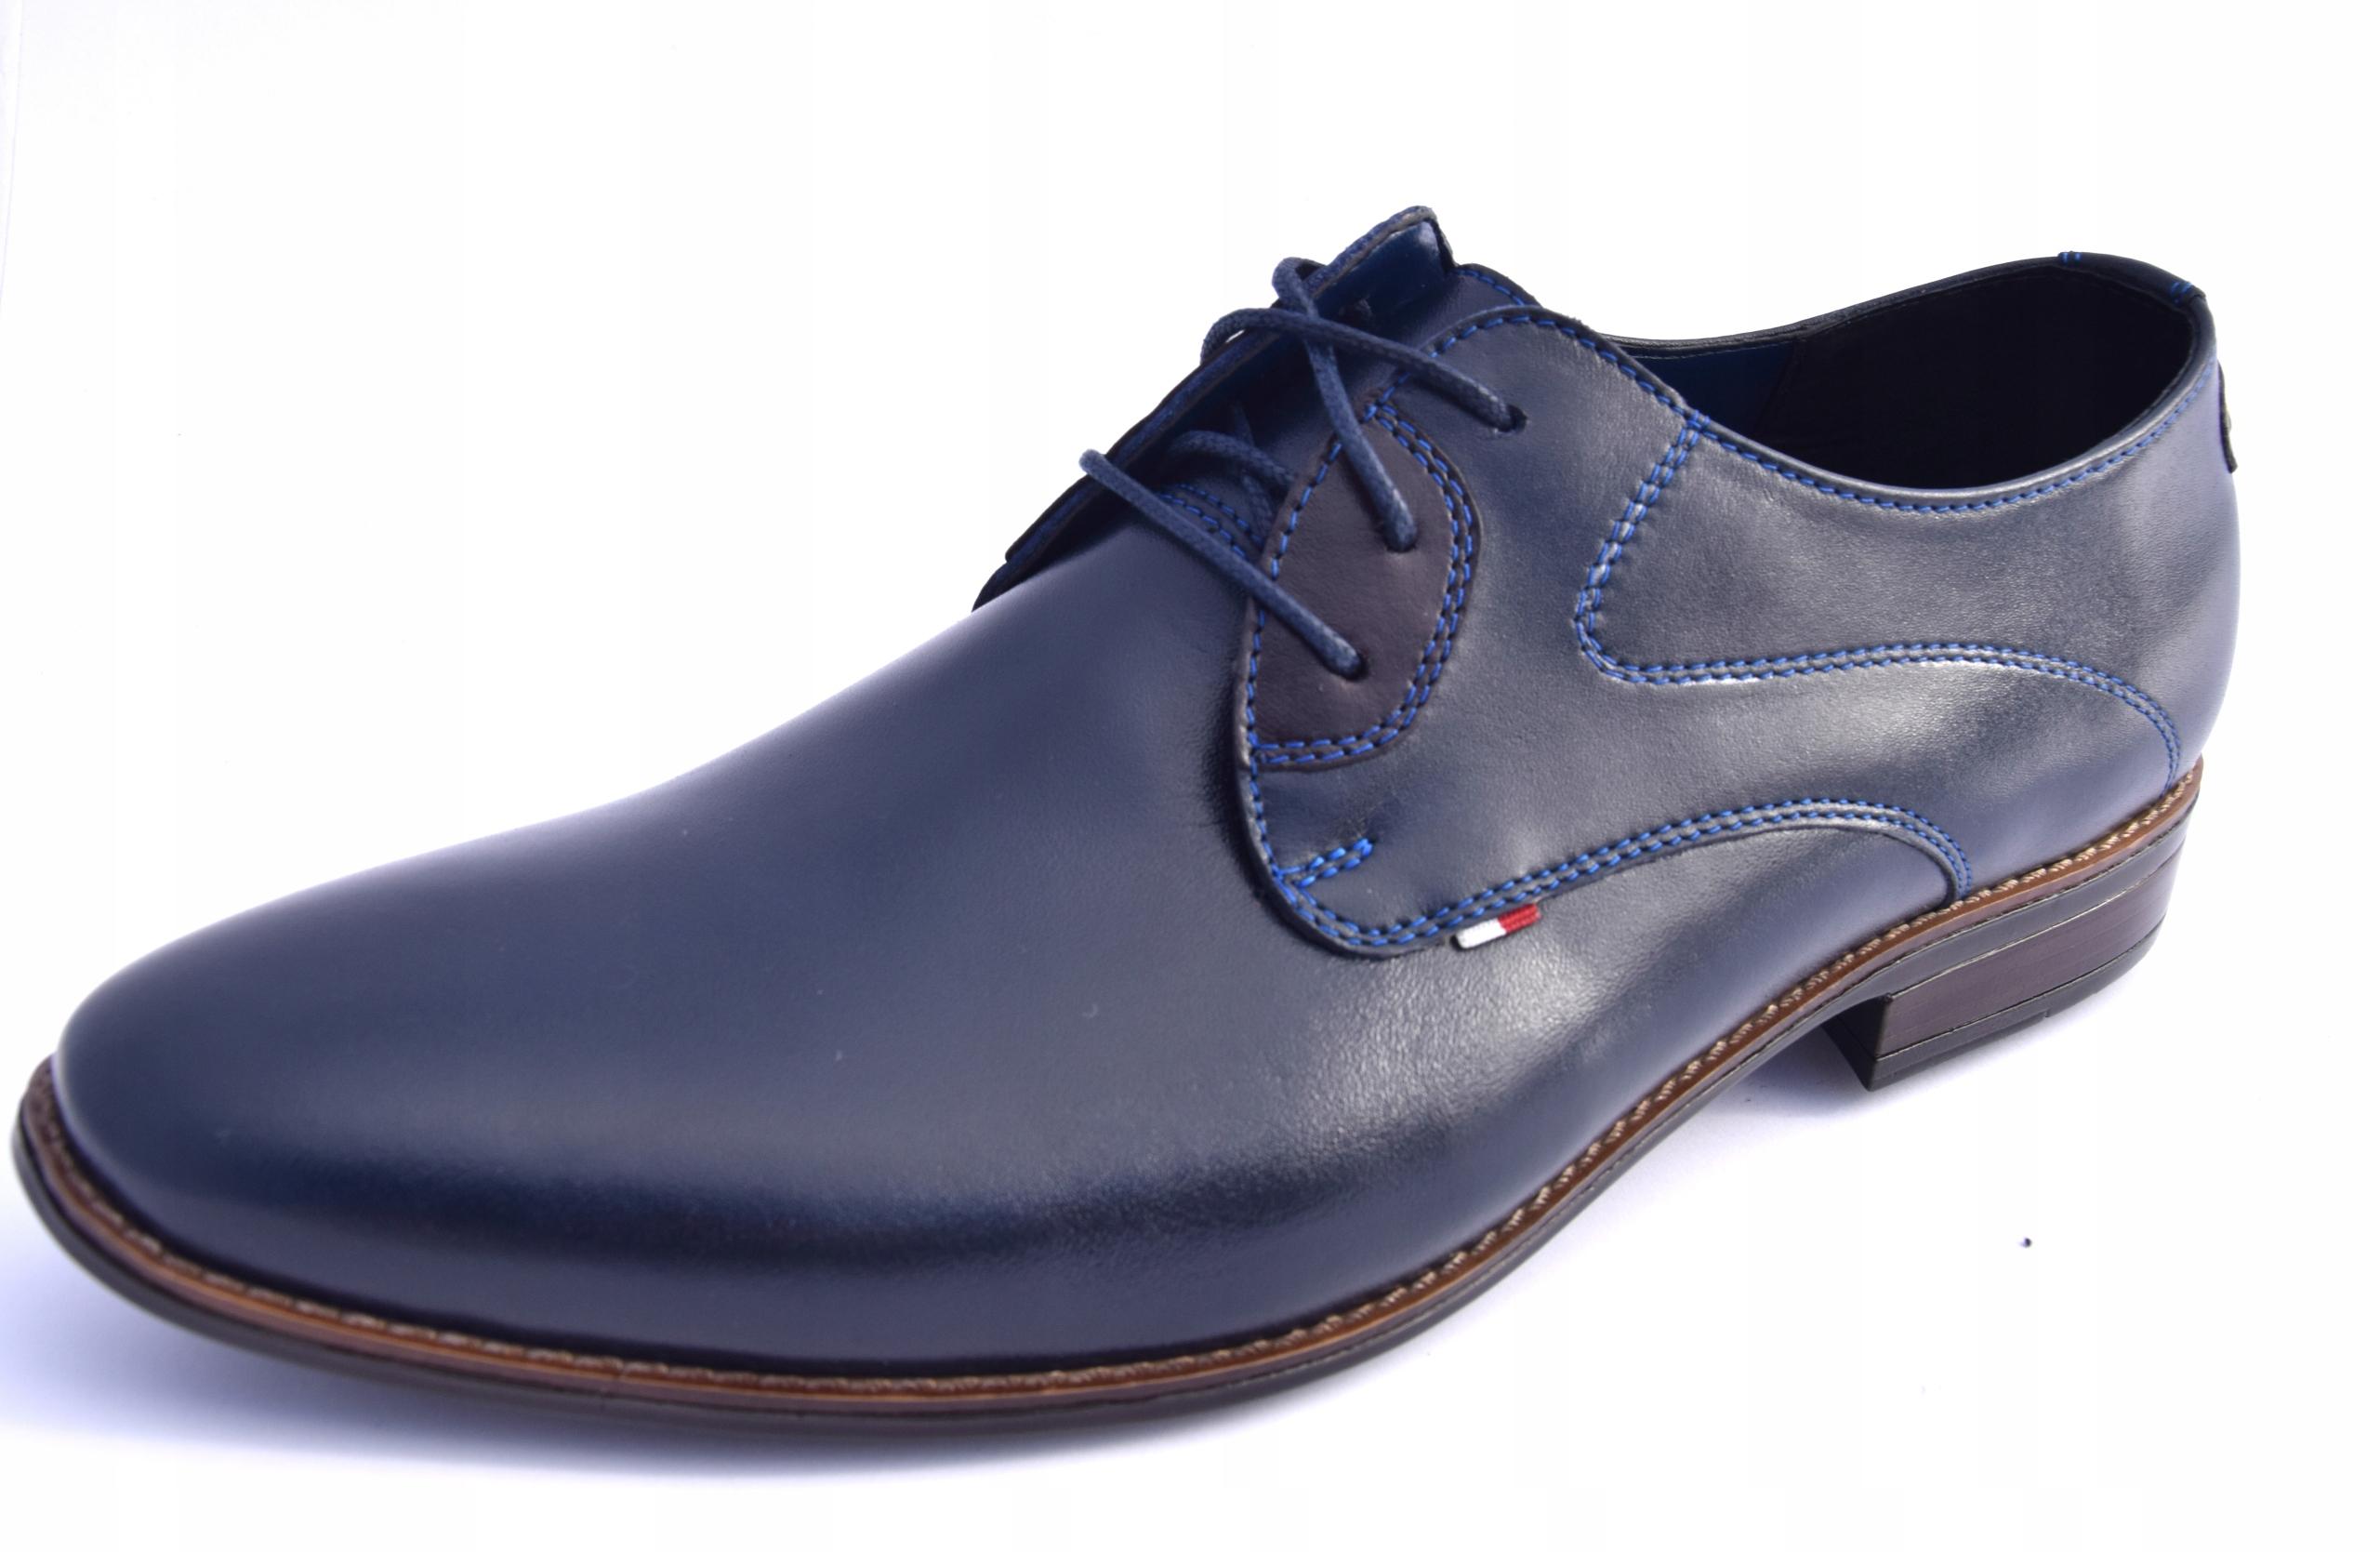 Buty skórzane obuwie wizytowe polskie 348